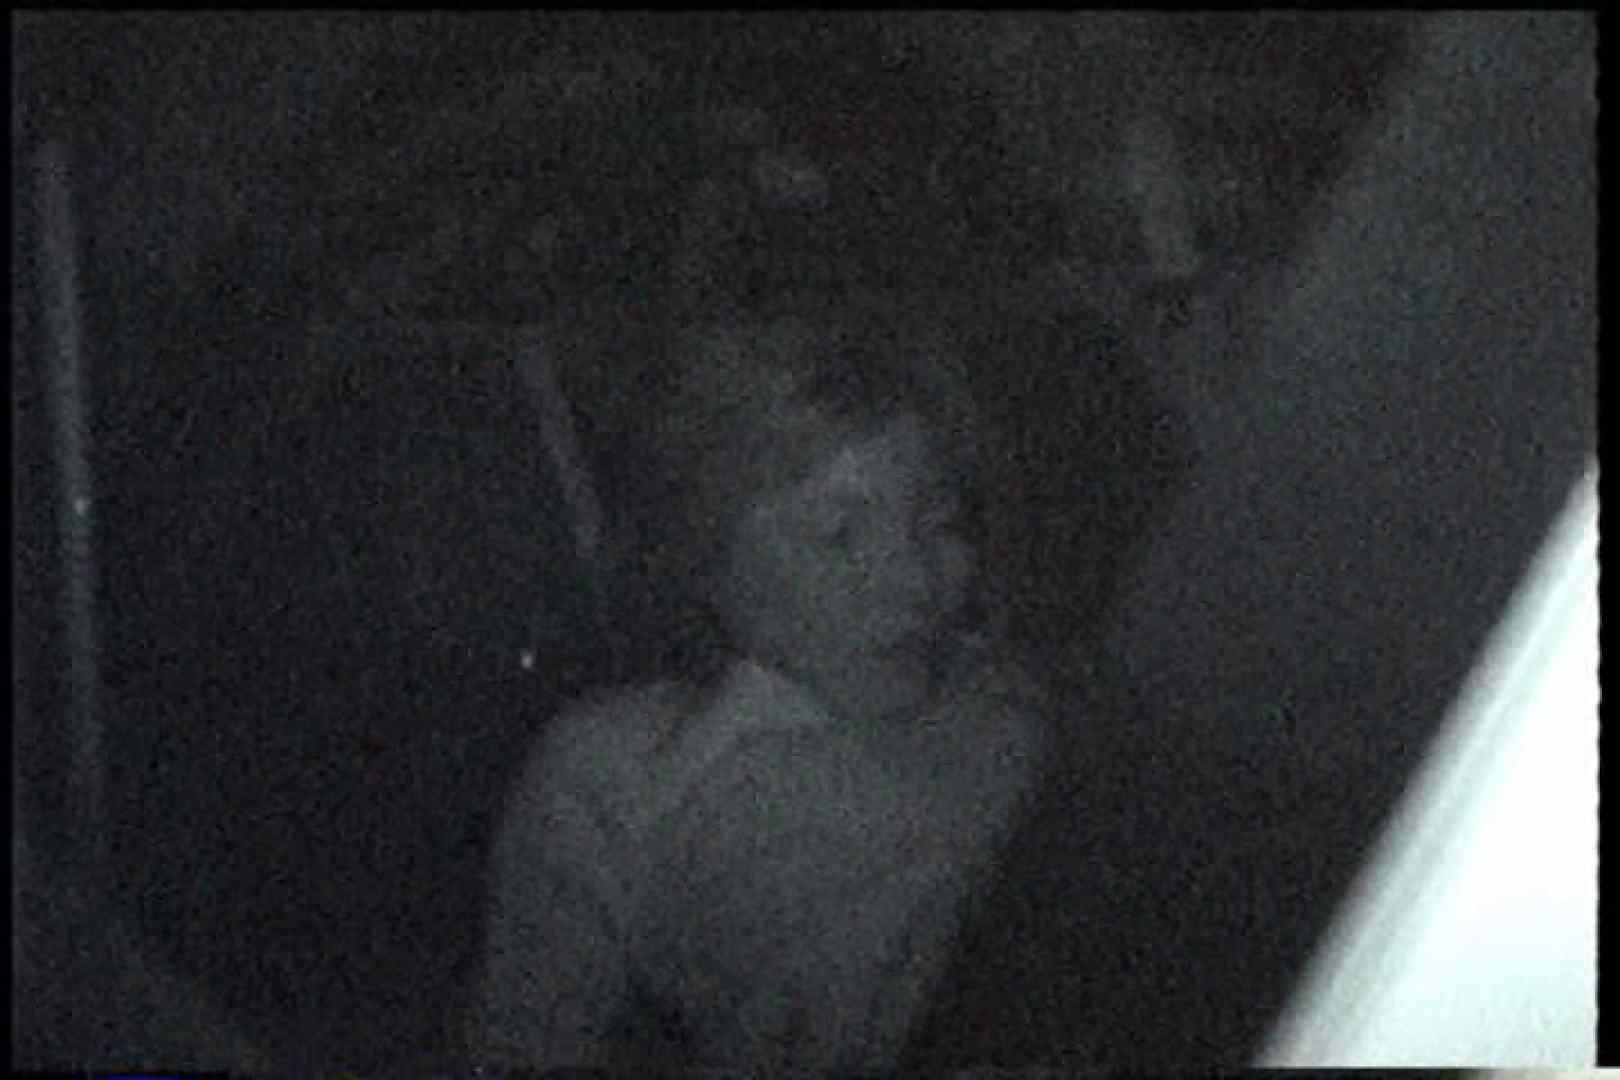 充血監督の深夜の運動会Vol.217 カップル盗撮 | エロティックなOL  72画像 10